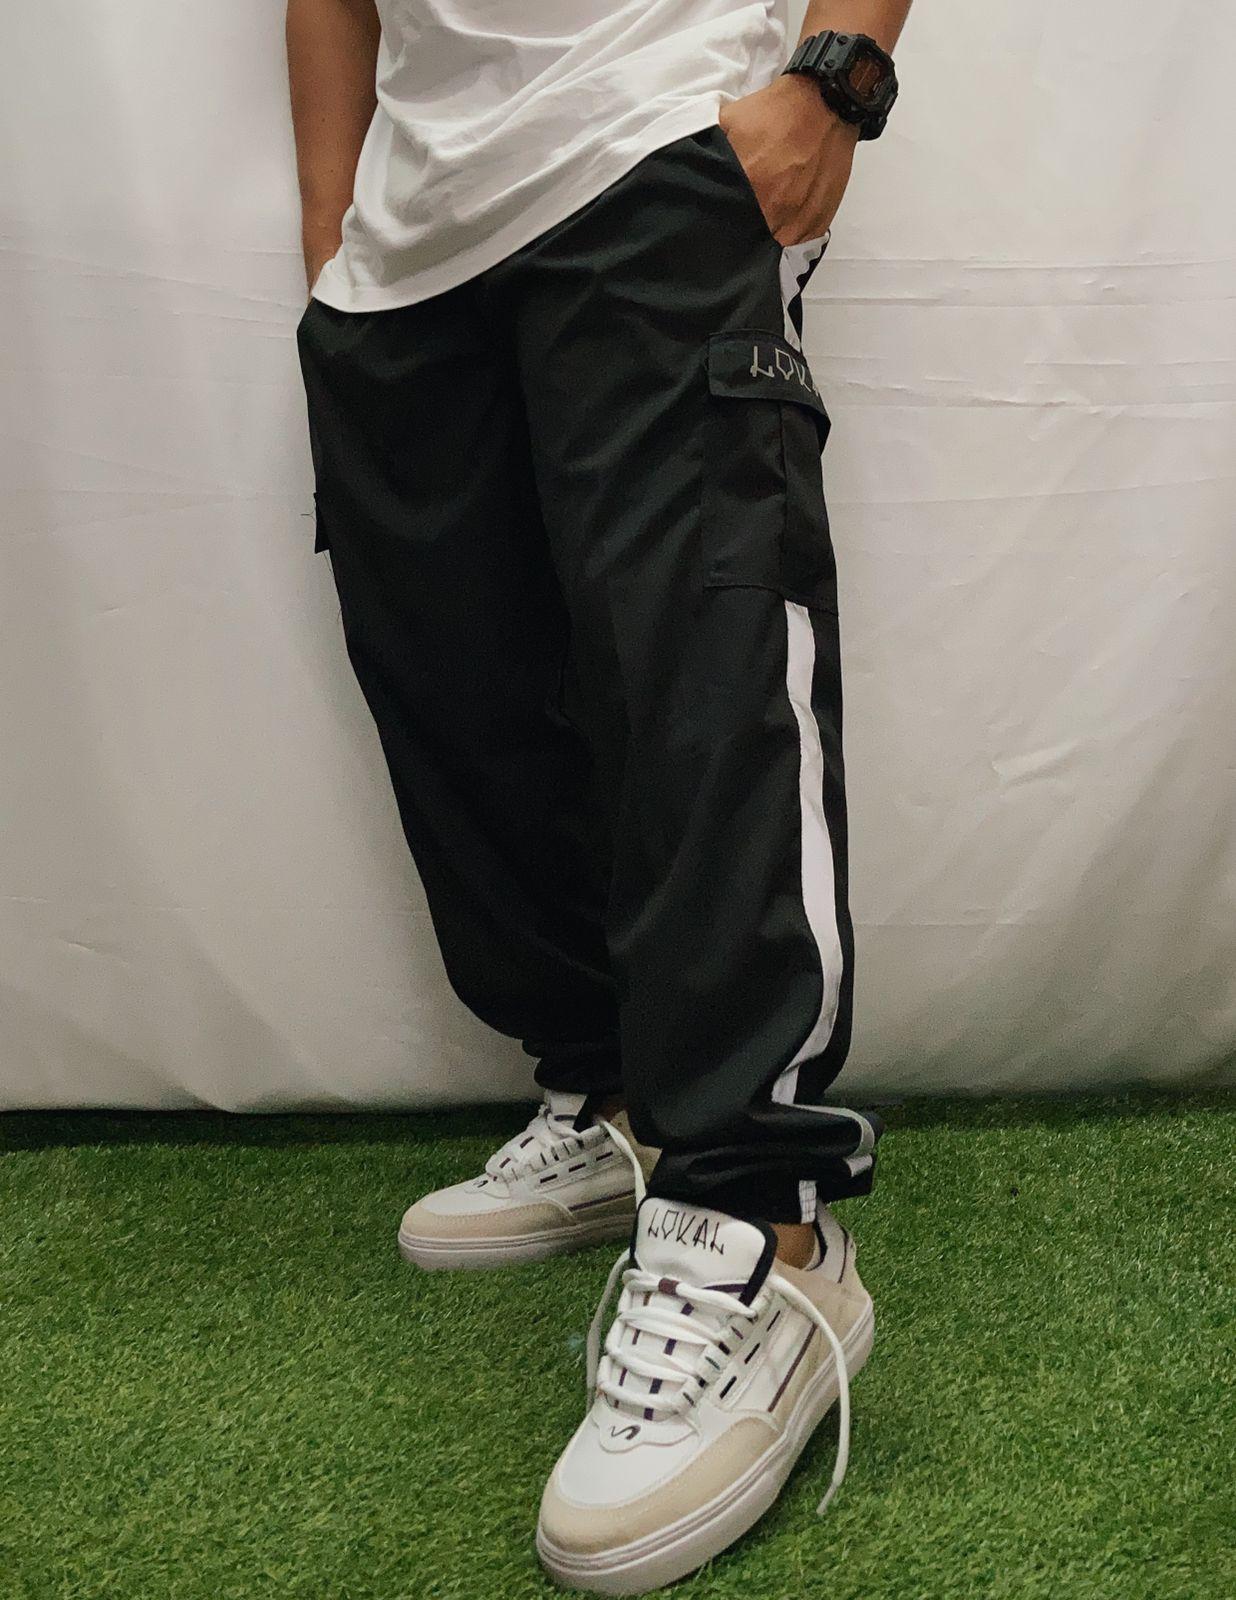 Calça lokal cargo jogger elastano refletiva preta